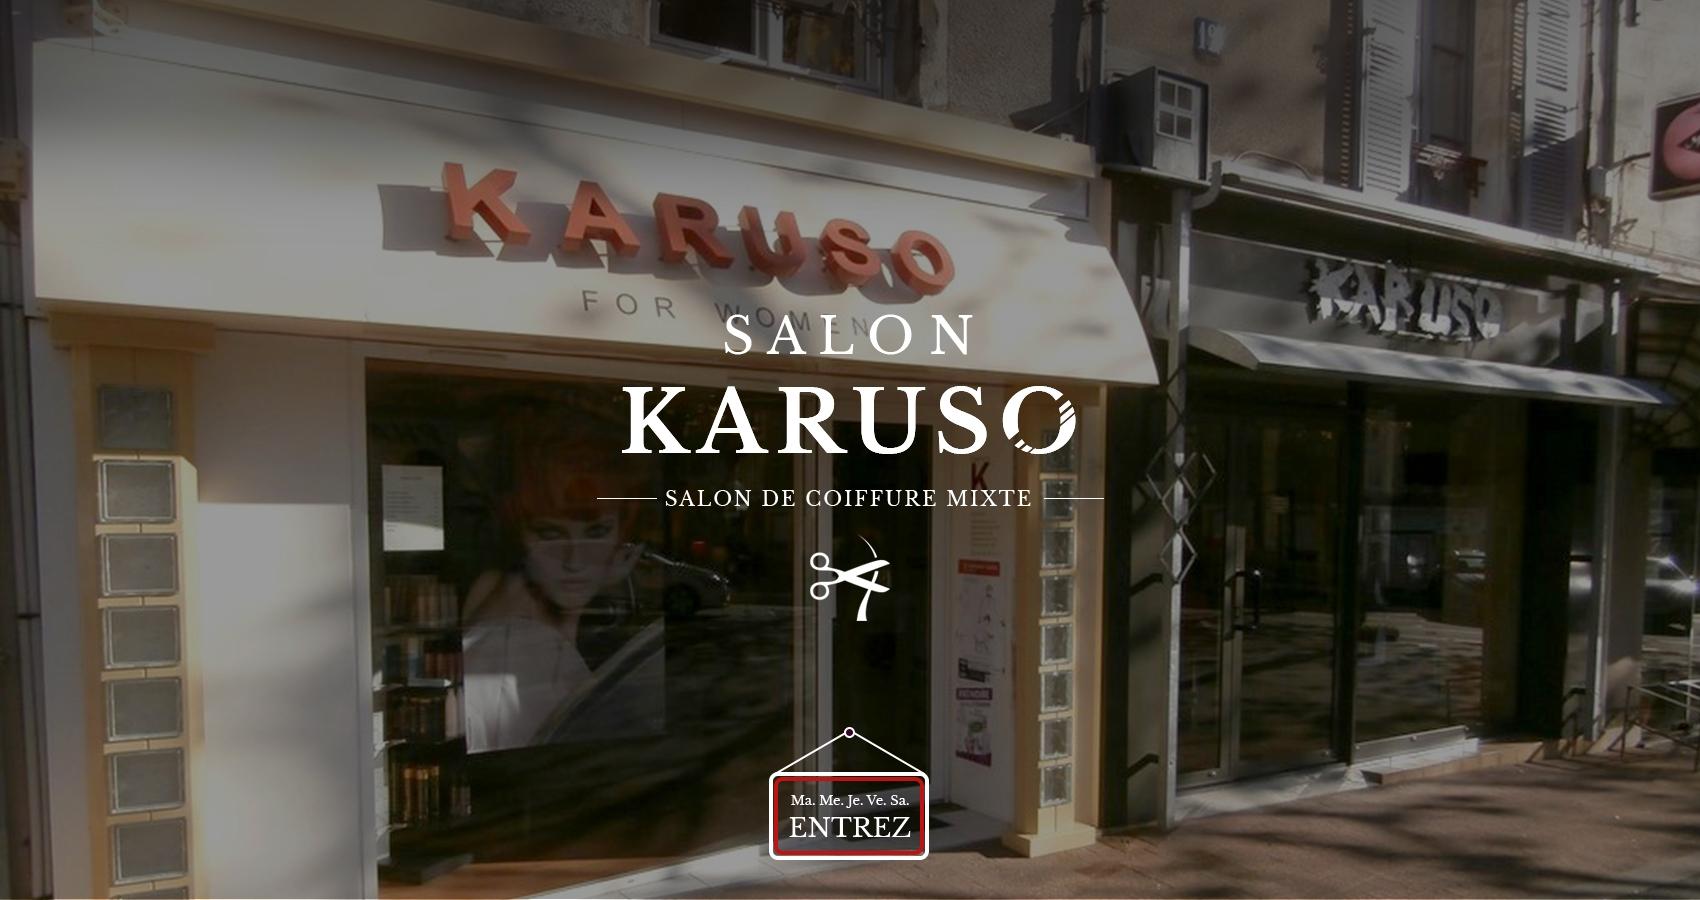 Karuso saint maixent l 39 ecole avis tarifs horaires t l phone - Le salon 105 ...